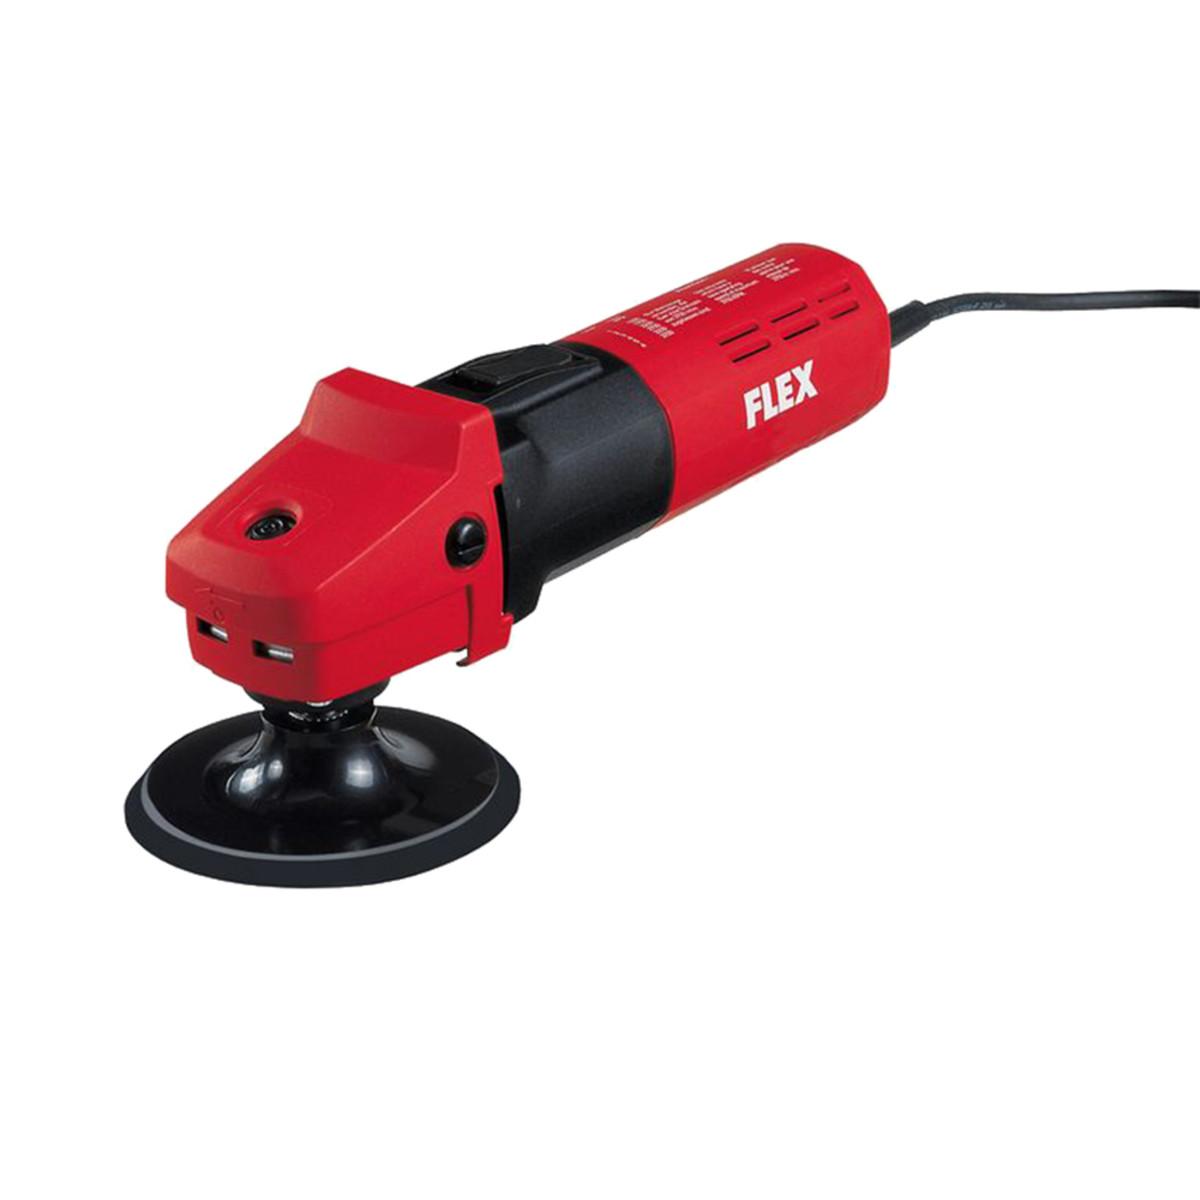 Сетевая полировальная машина Flex L 1503 VR 230/CEE